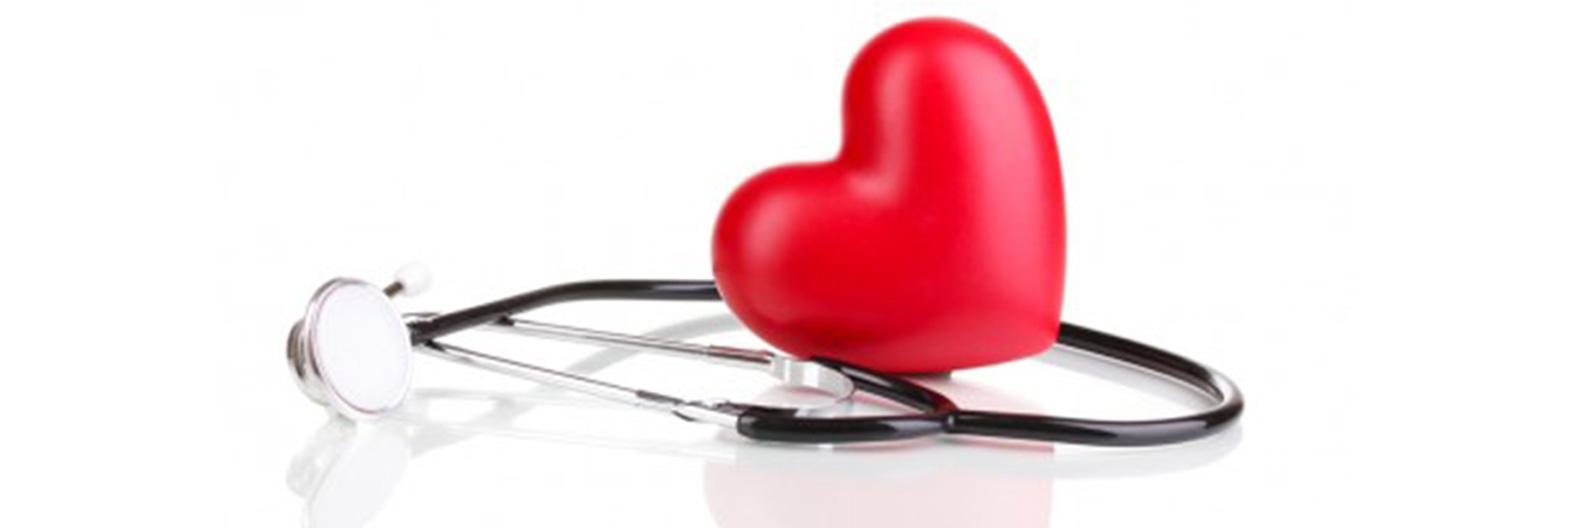 kettlebelio kėlimo hipertenzija diuretikai nuo hipertenzijos namuose